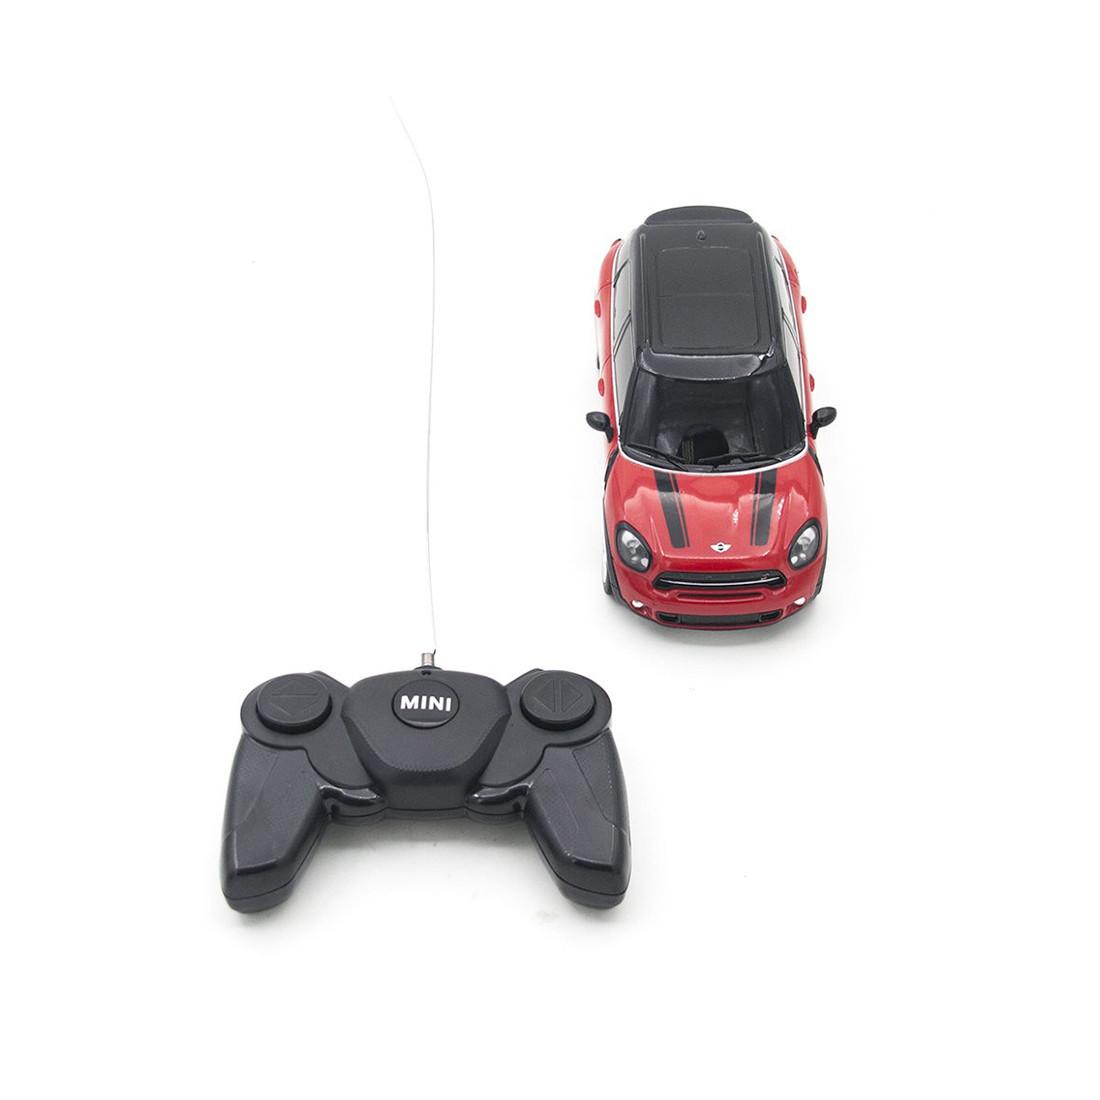 Радиоуправляемая модель автомобиль Rastar Mini Countryman, 1:24, Управление: Джойстик, Материал: Пластик, Цвет